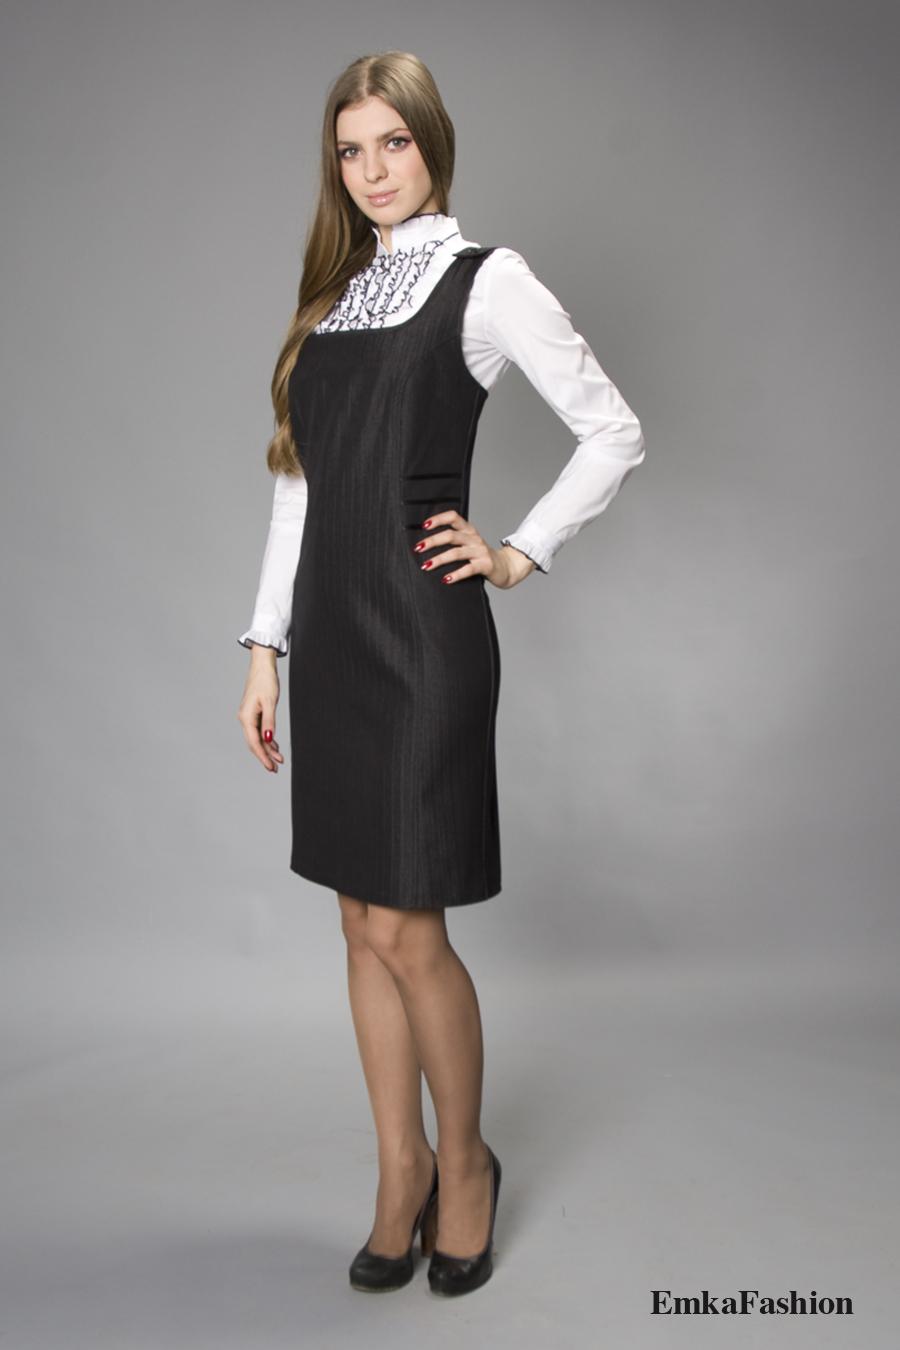 Купить Сарафан Интернет Магазин Женской Одежды